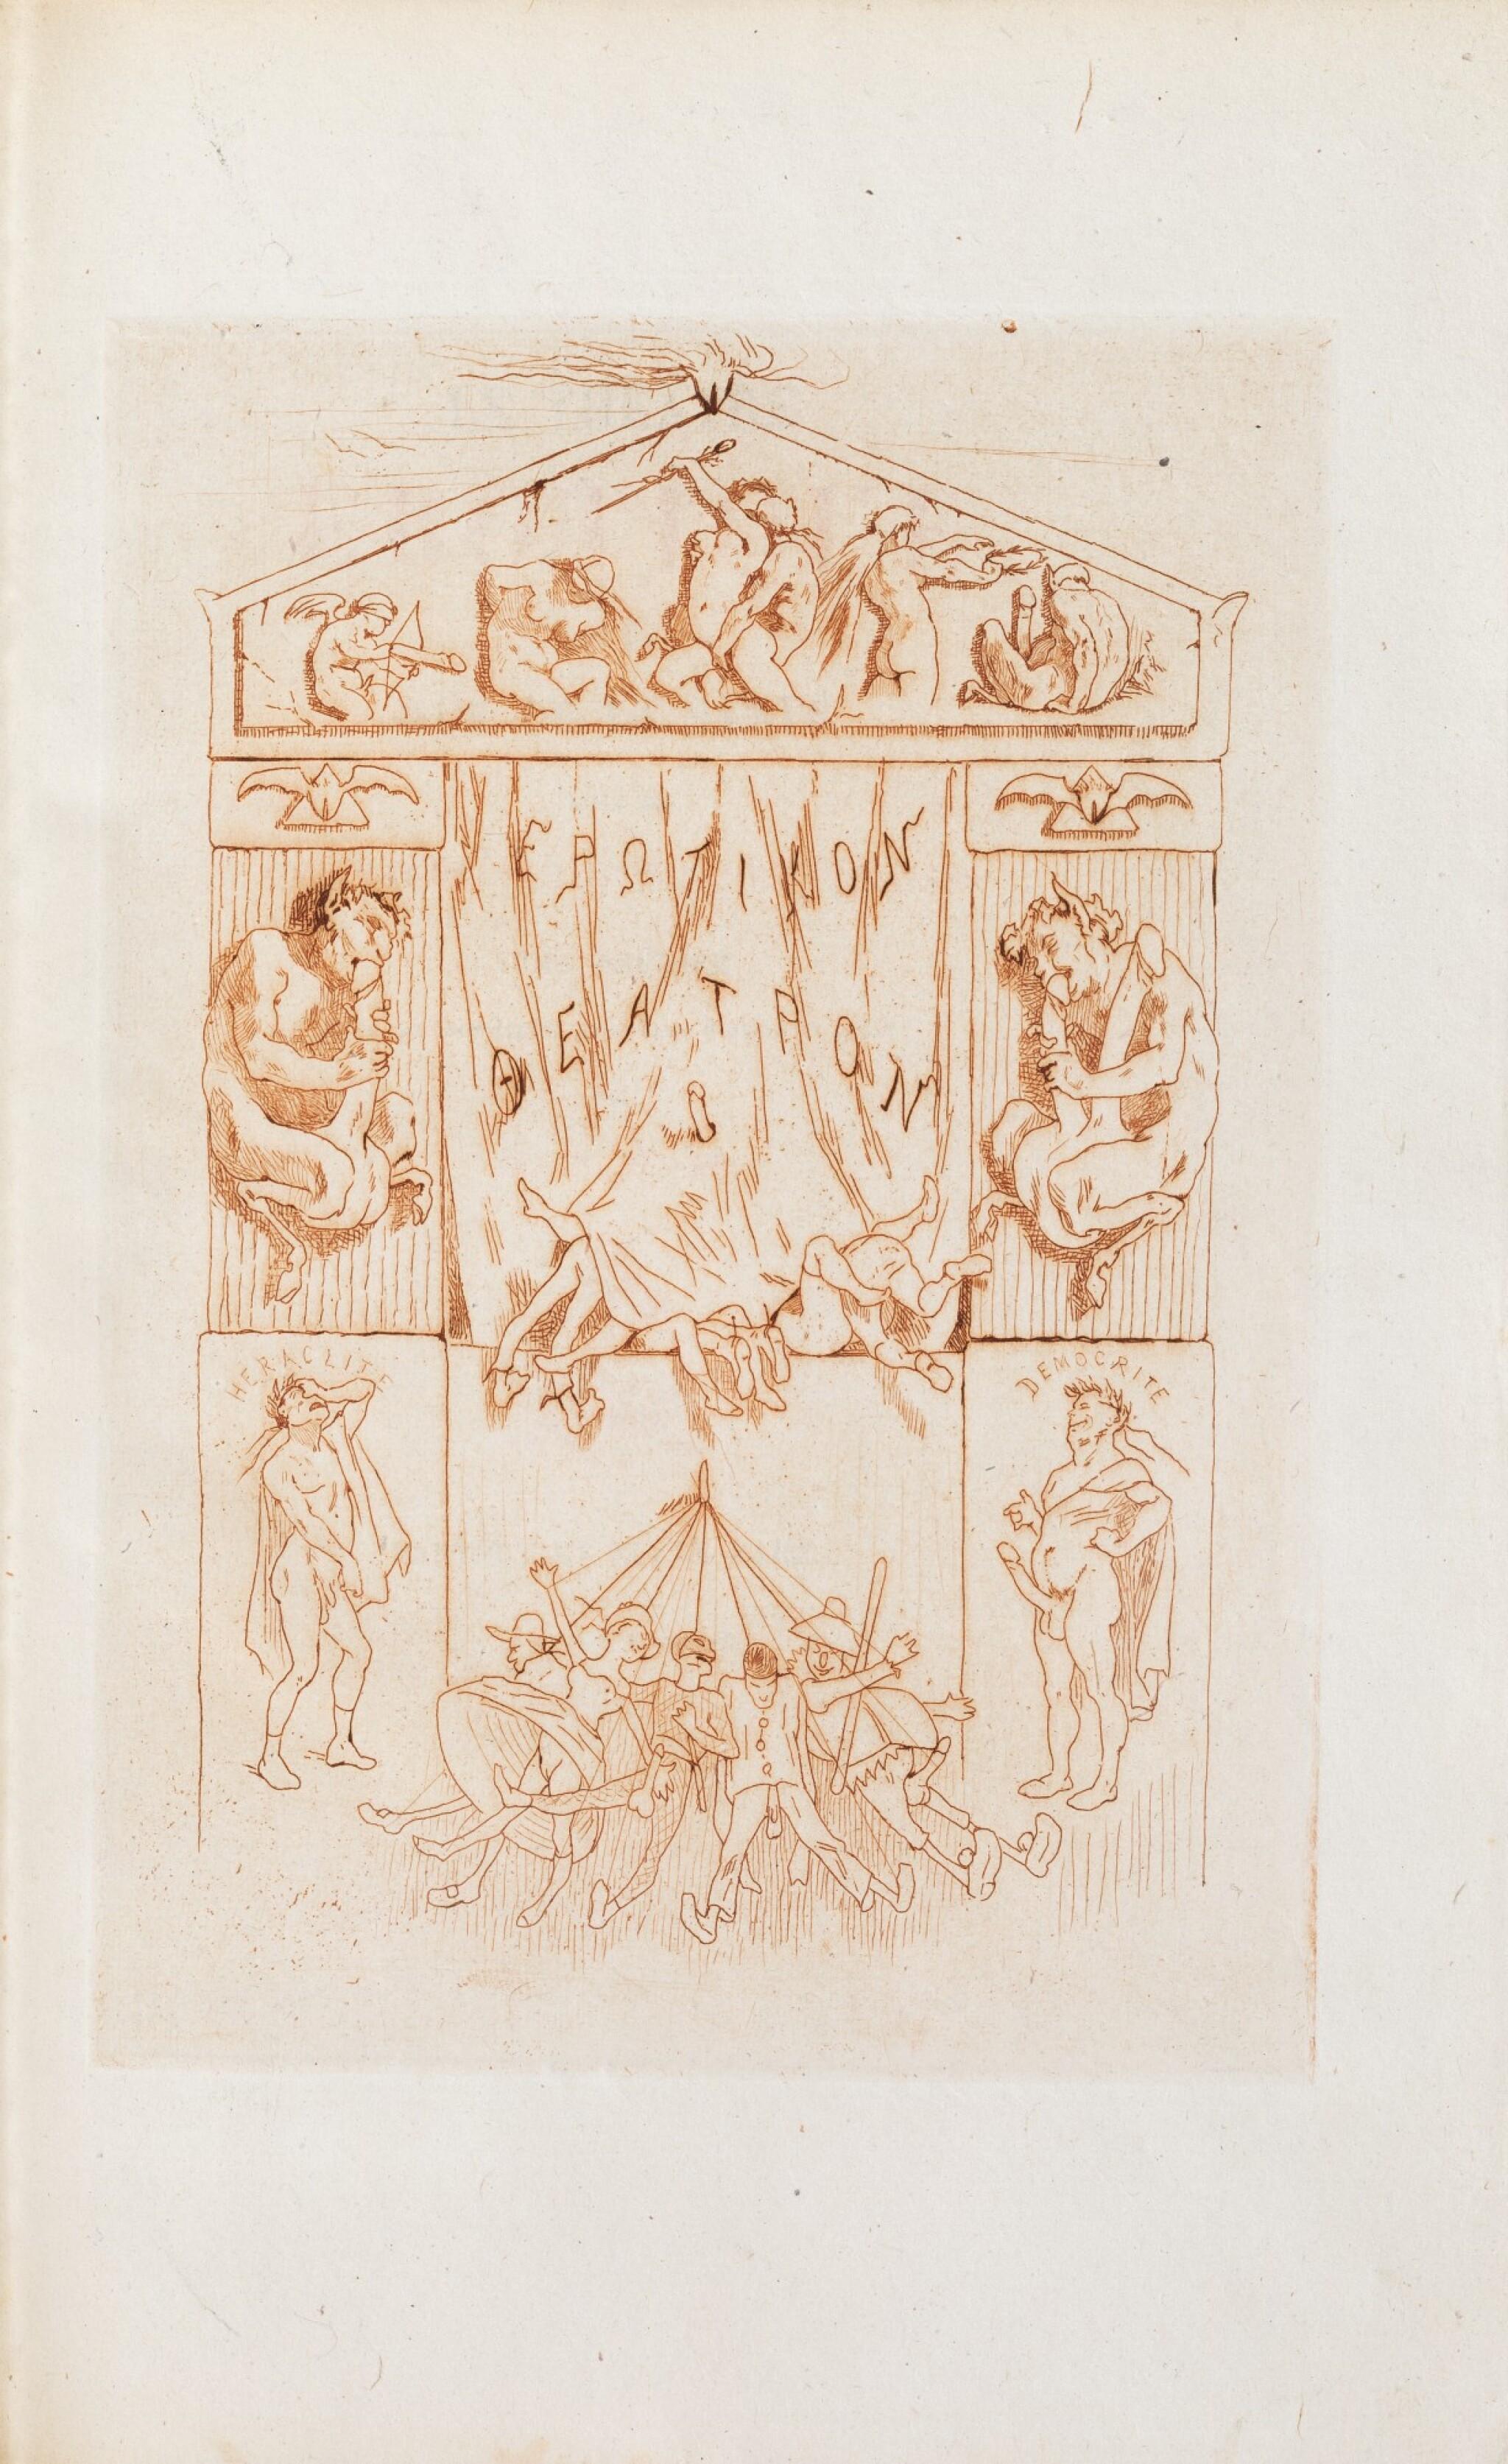 View full screen - View 1 of Lot 87. Le Théâtre érotique de la rue de la Santé]. 1864. Très rare éd. or, exemplaire sur Chine, gravures de Rops.